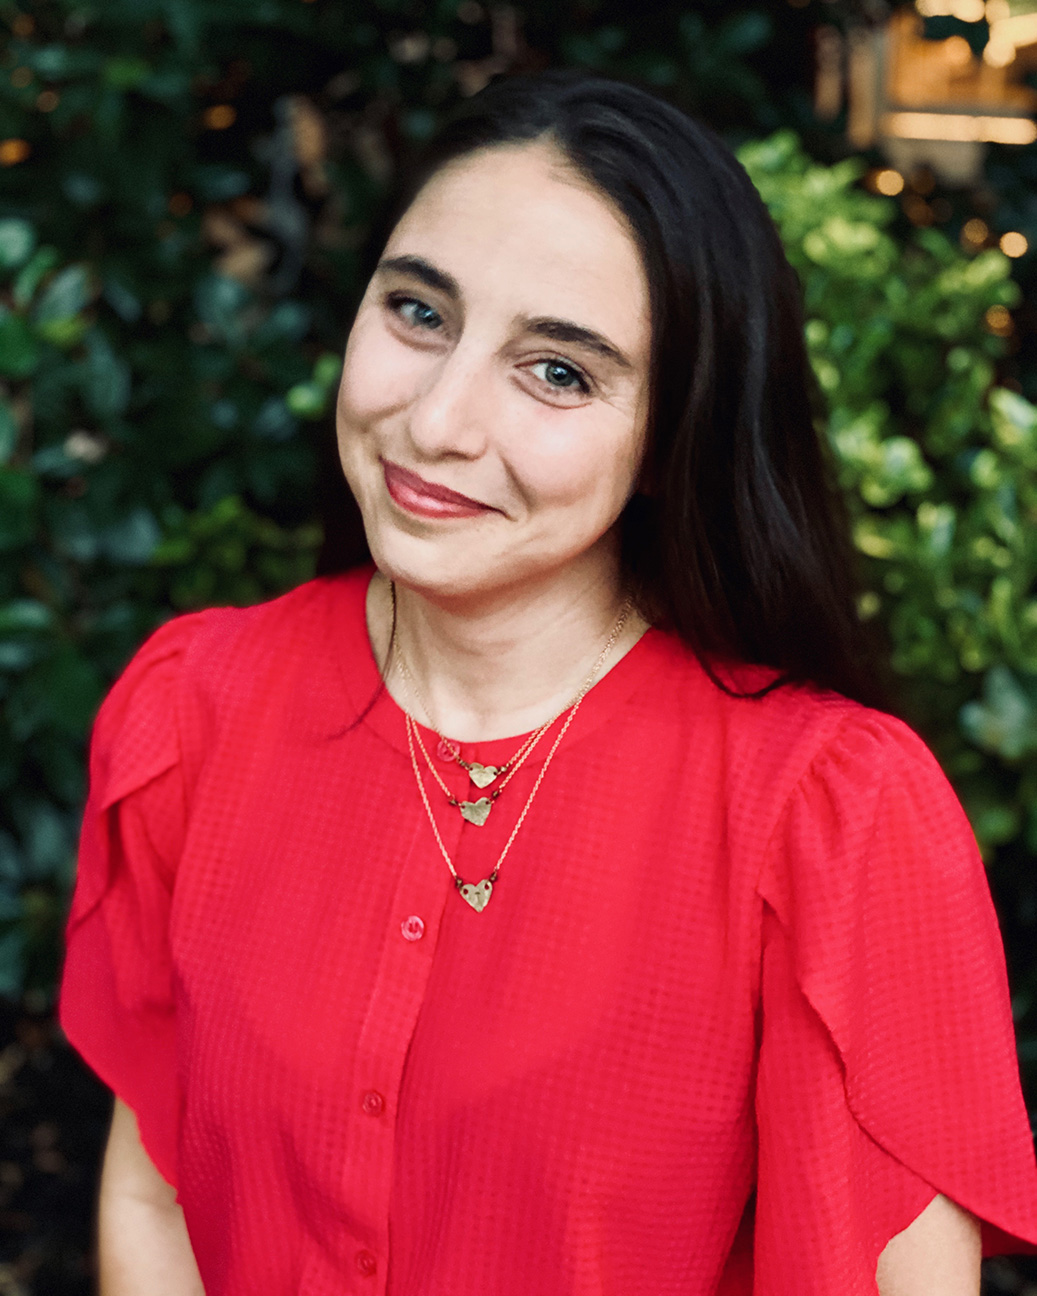 Kira Coviello